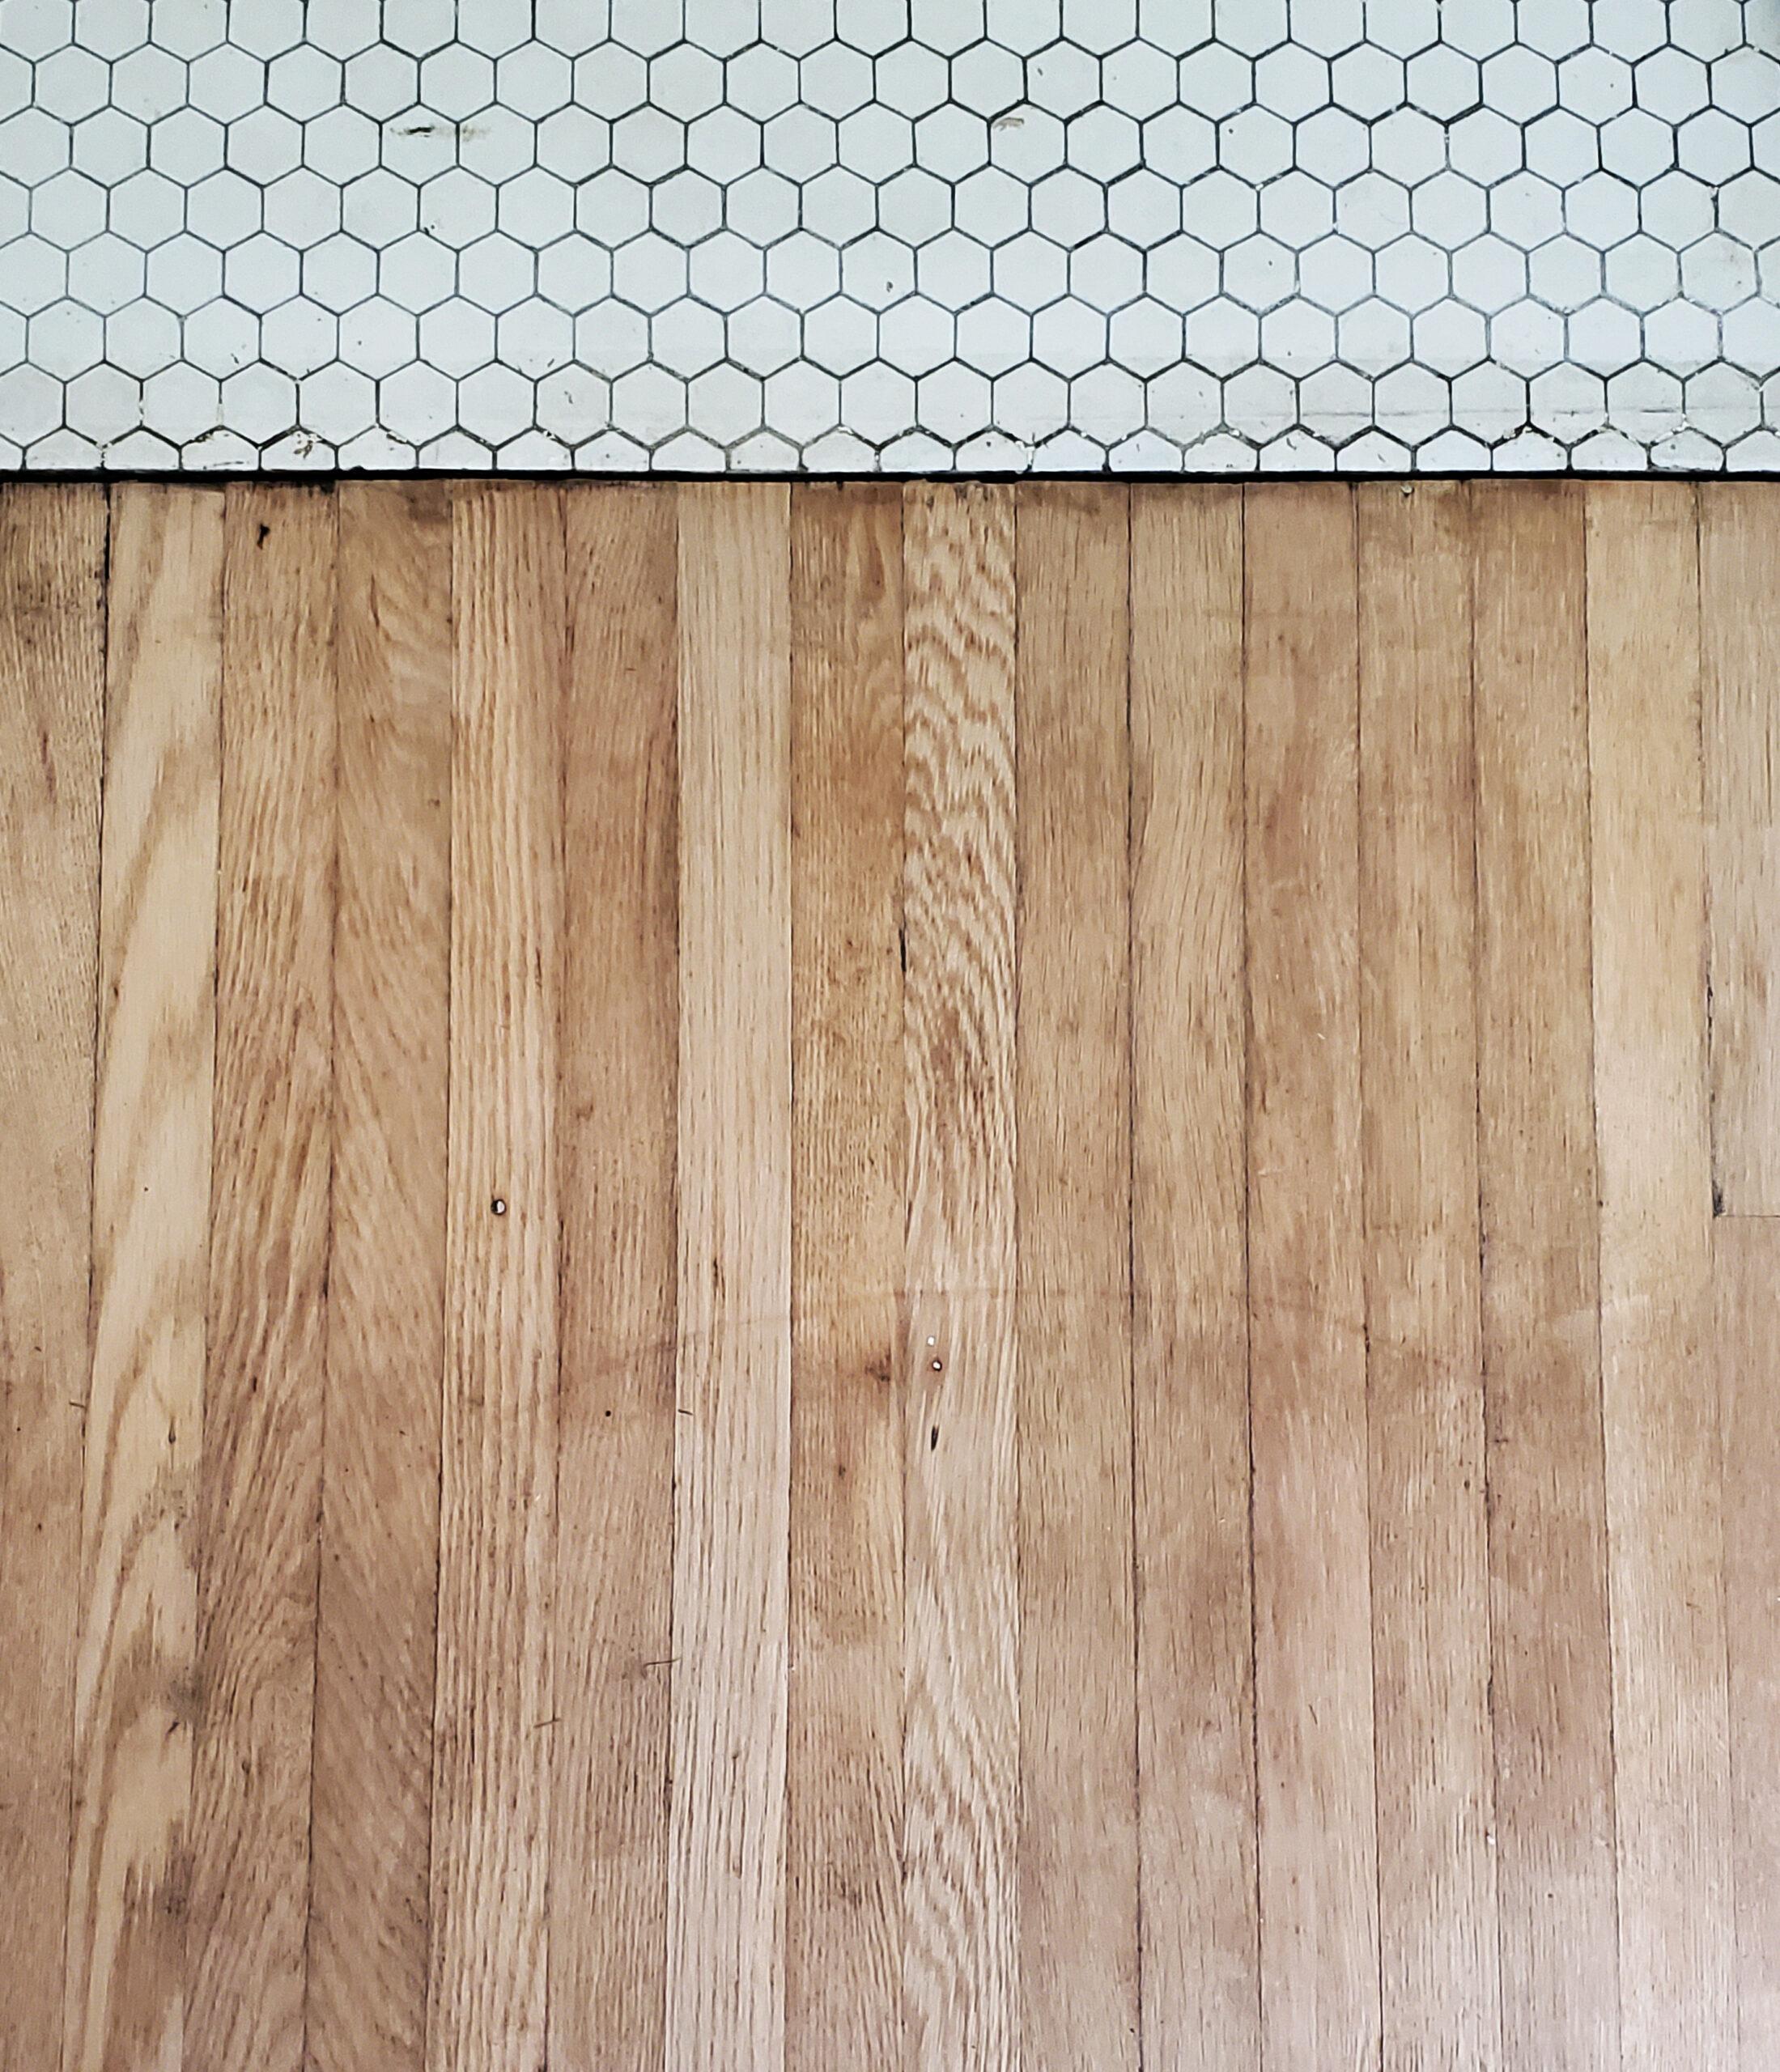 original hardwood floor bare hardwood floor hand sanding a hardwood floor